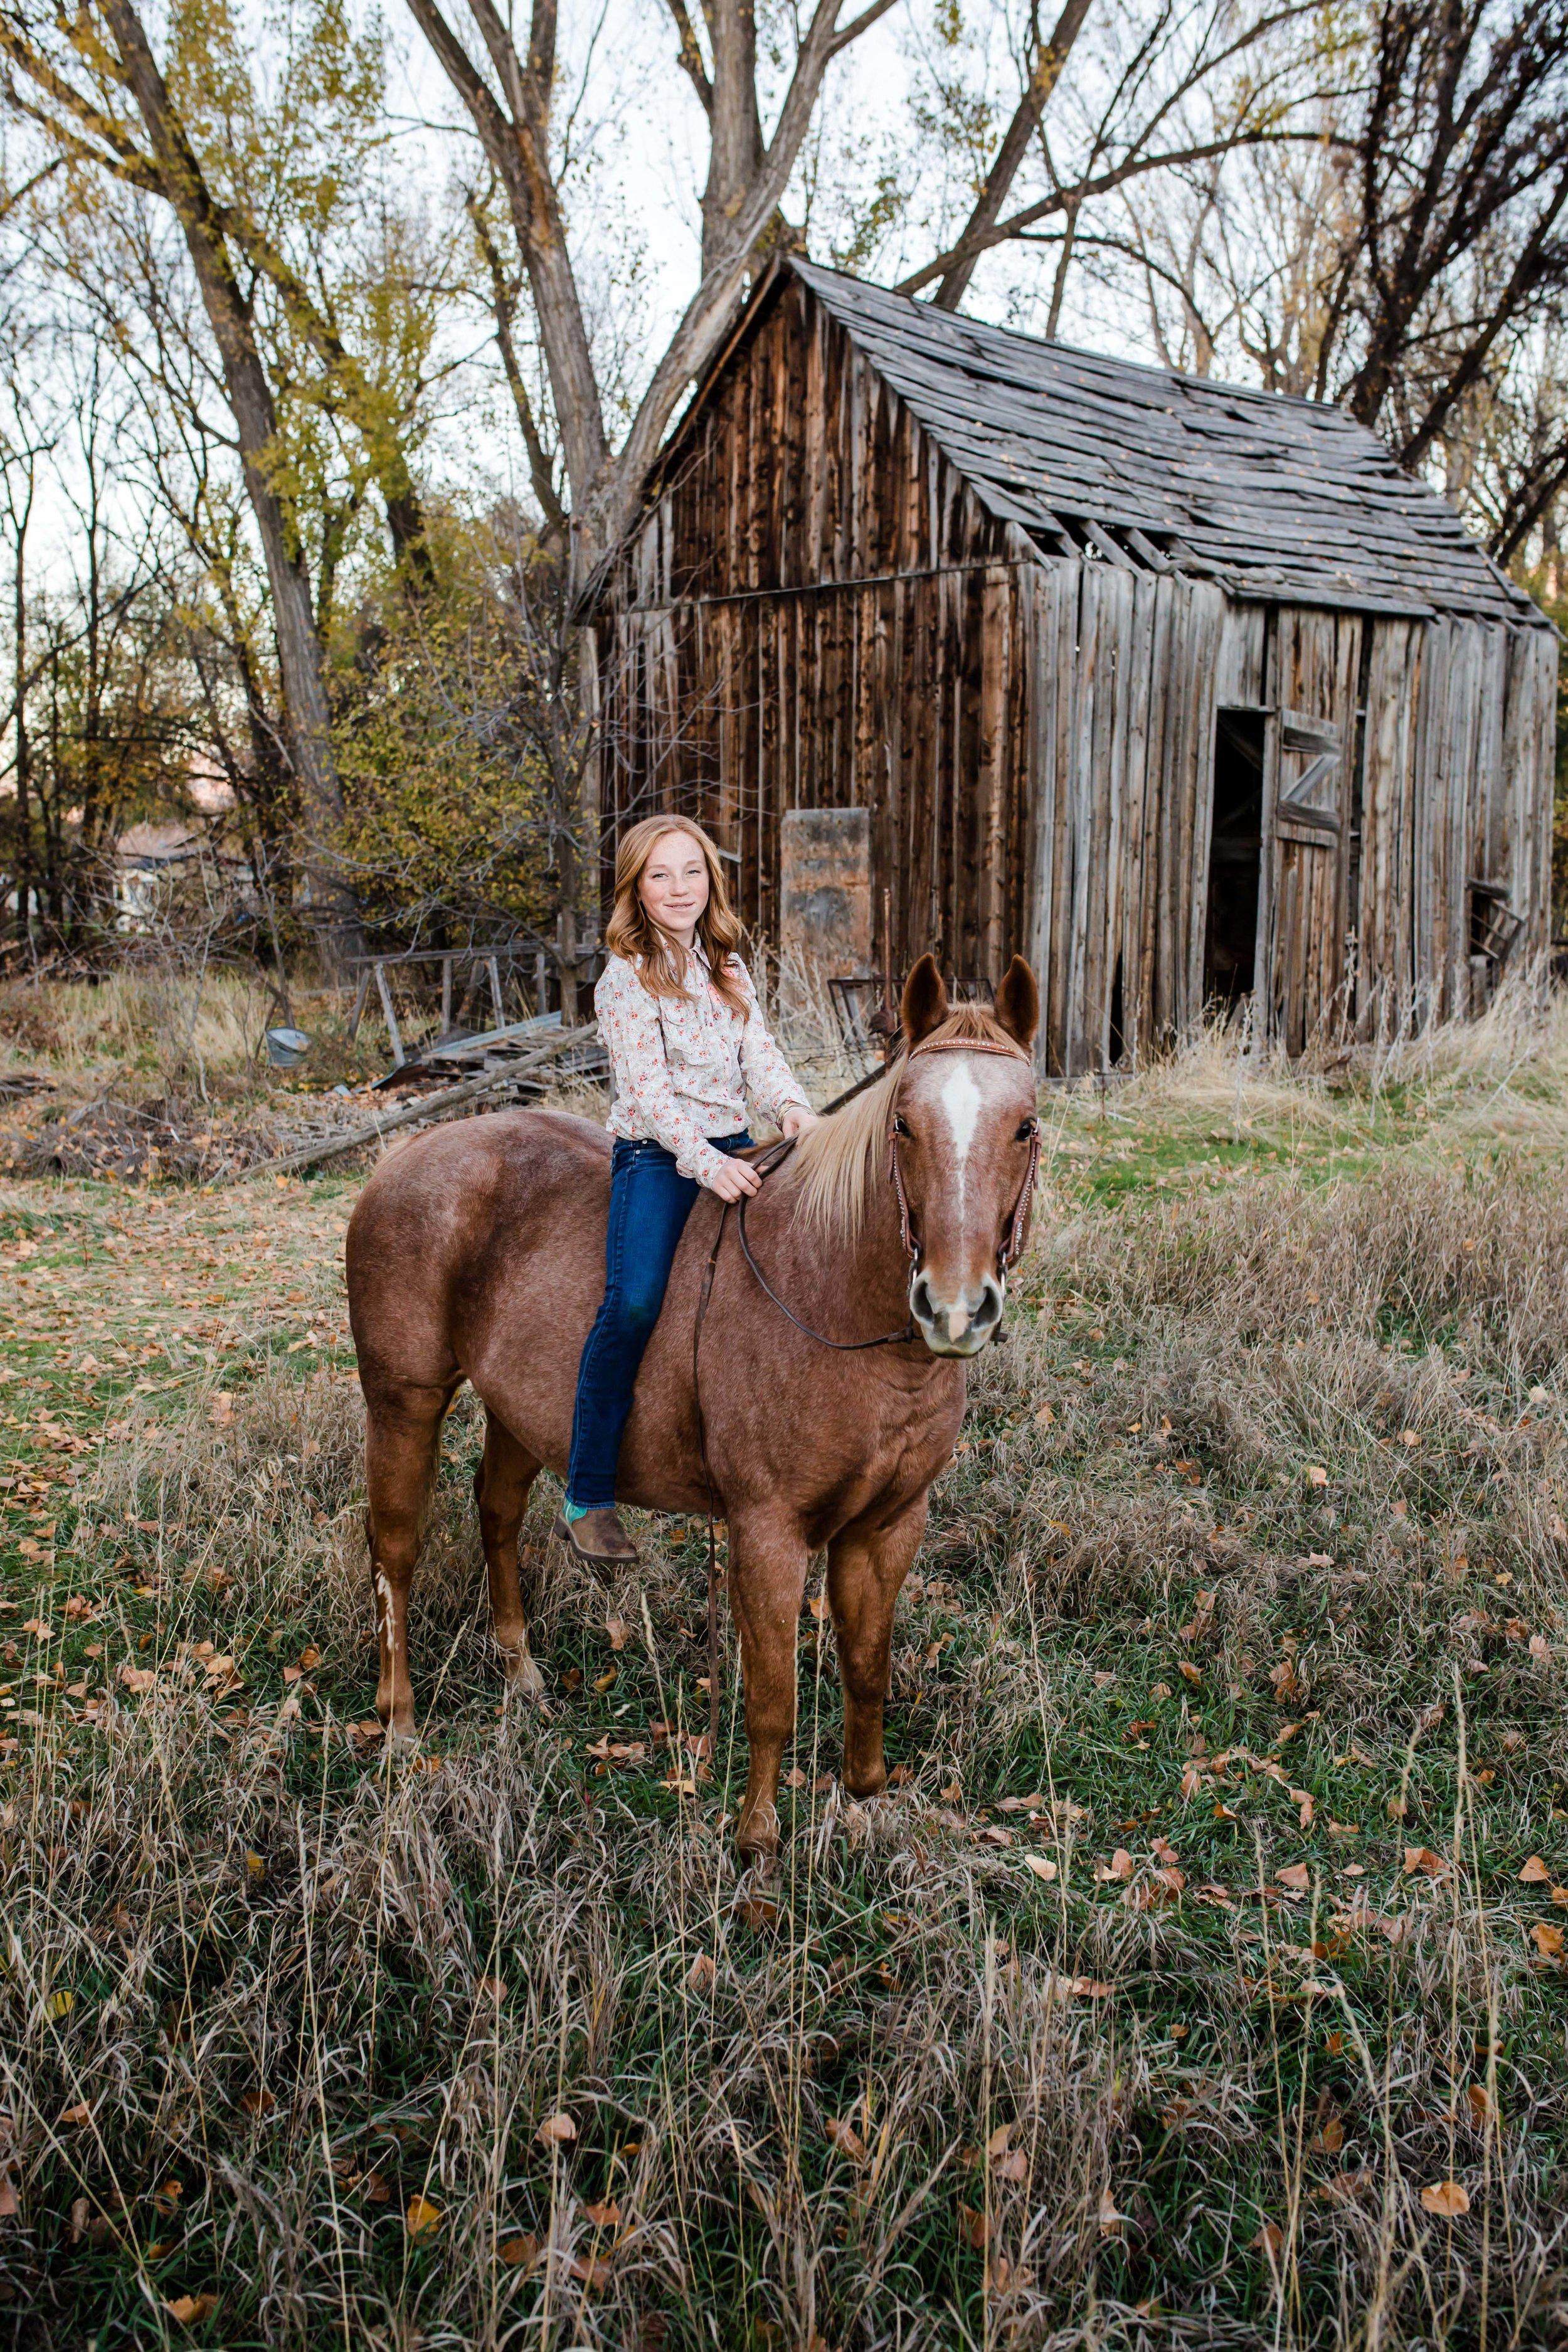 Logan Utah Senior Photographer Maycie Jensen-7338.jpg